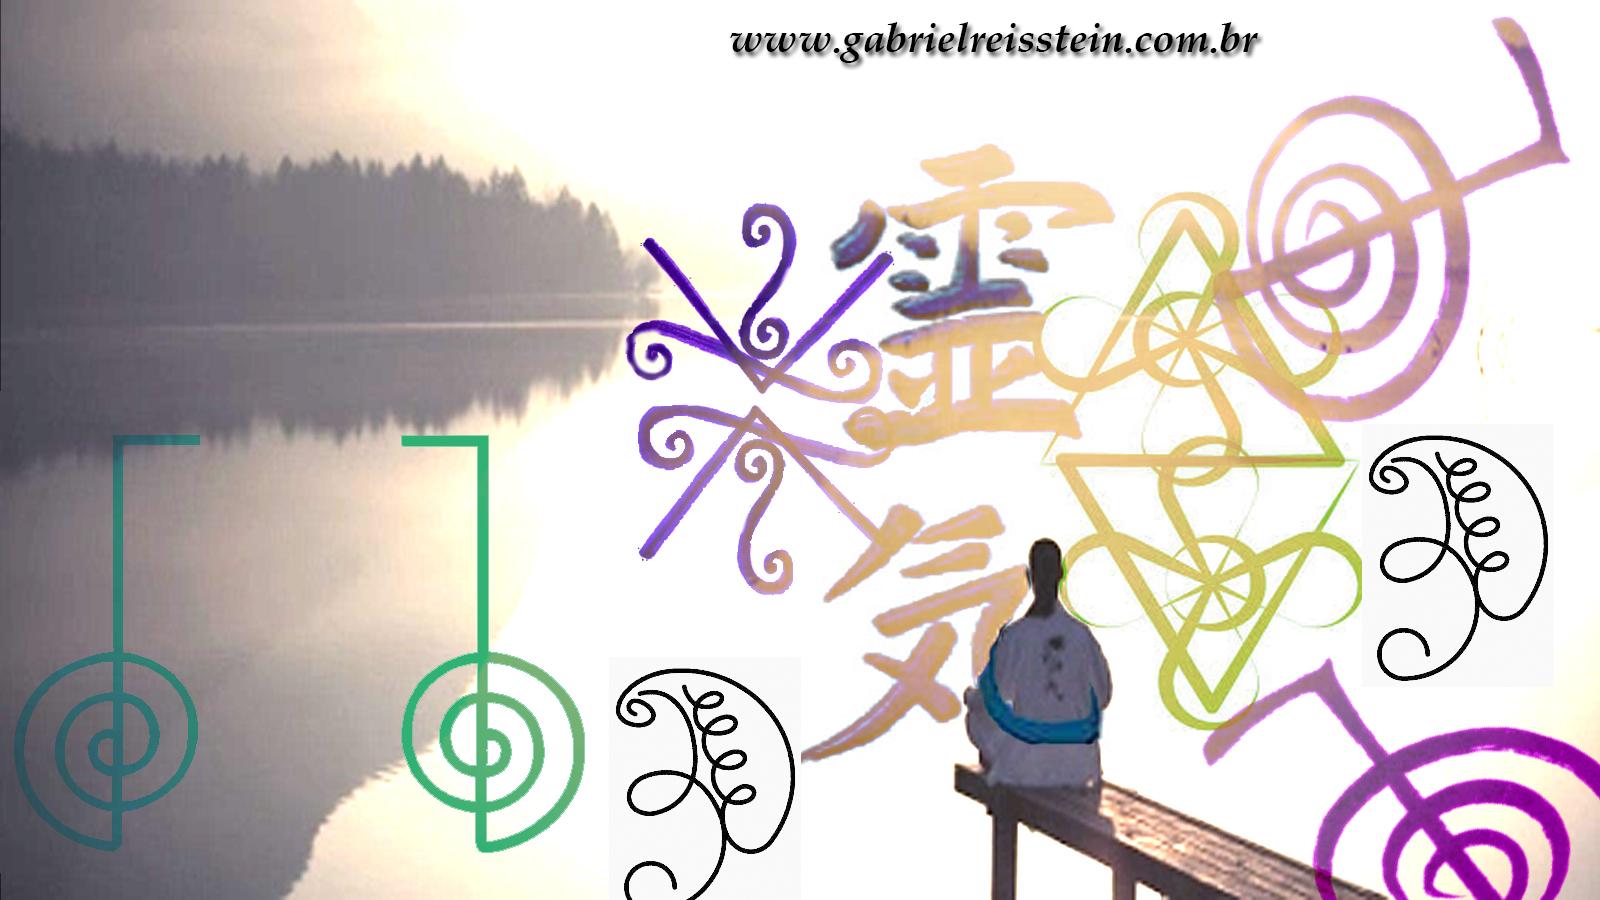 19 Combinações  Poderosas de Símbolo de Reiki e Karuna